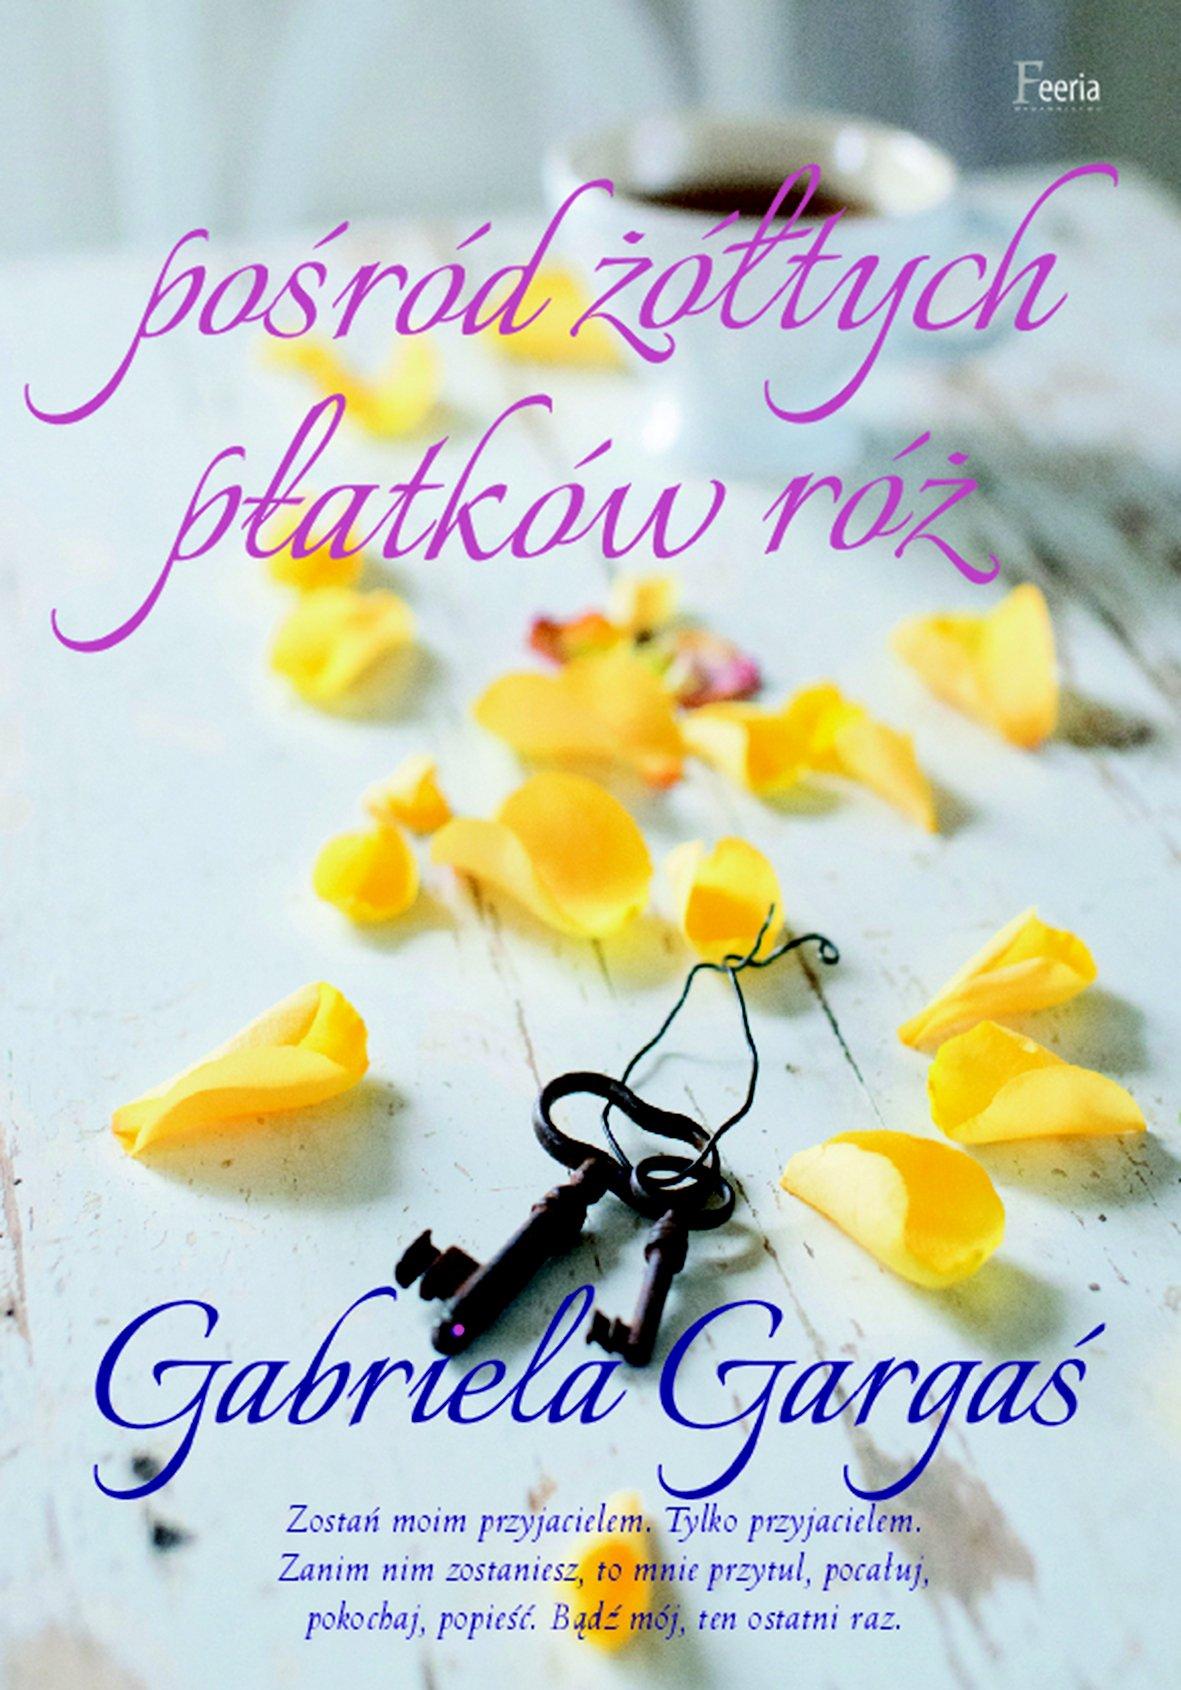 Pośród żółtych płatków róż - Ebook (Książka na Kindle) do pobrania w formacie MOBI